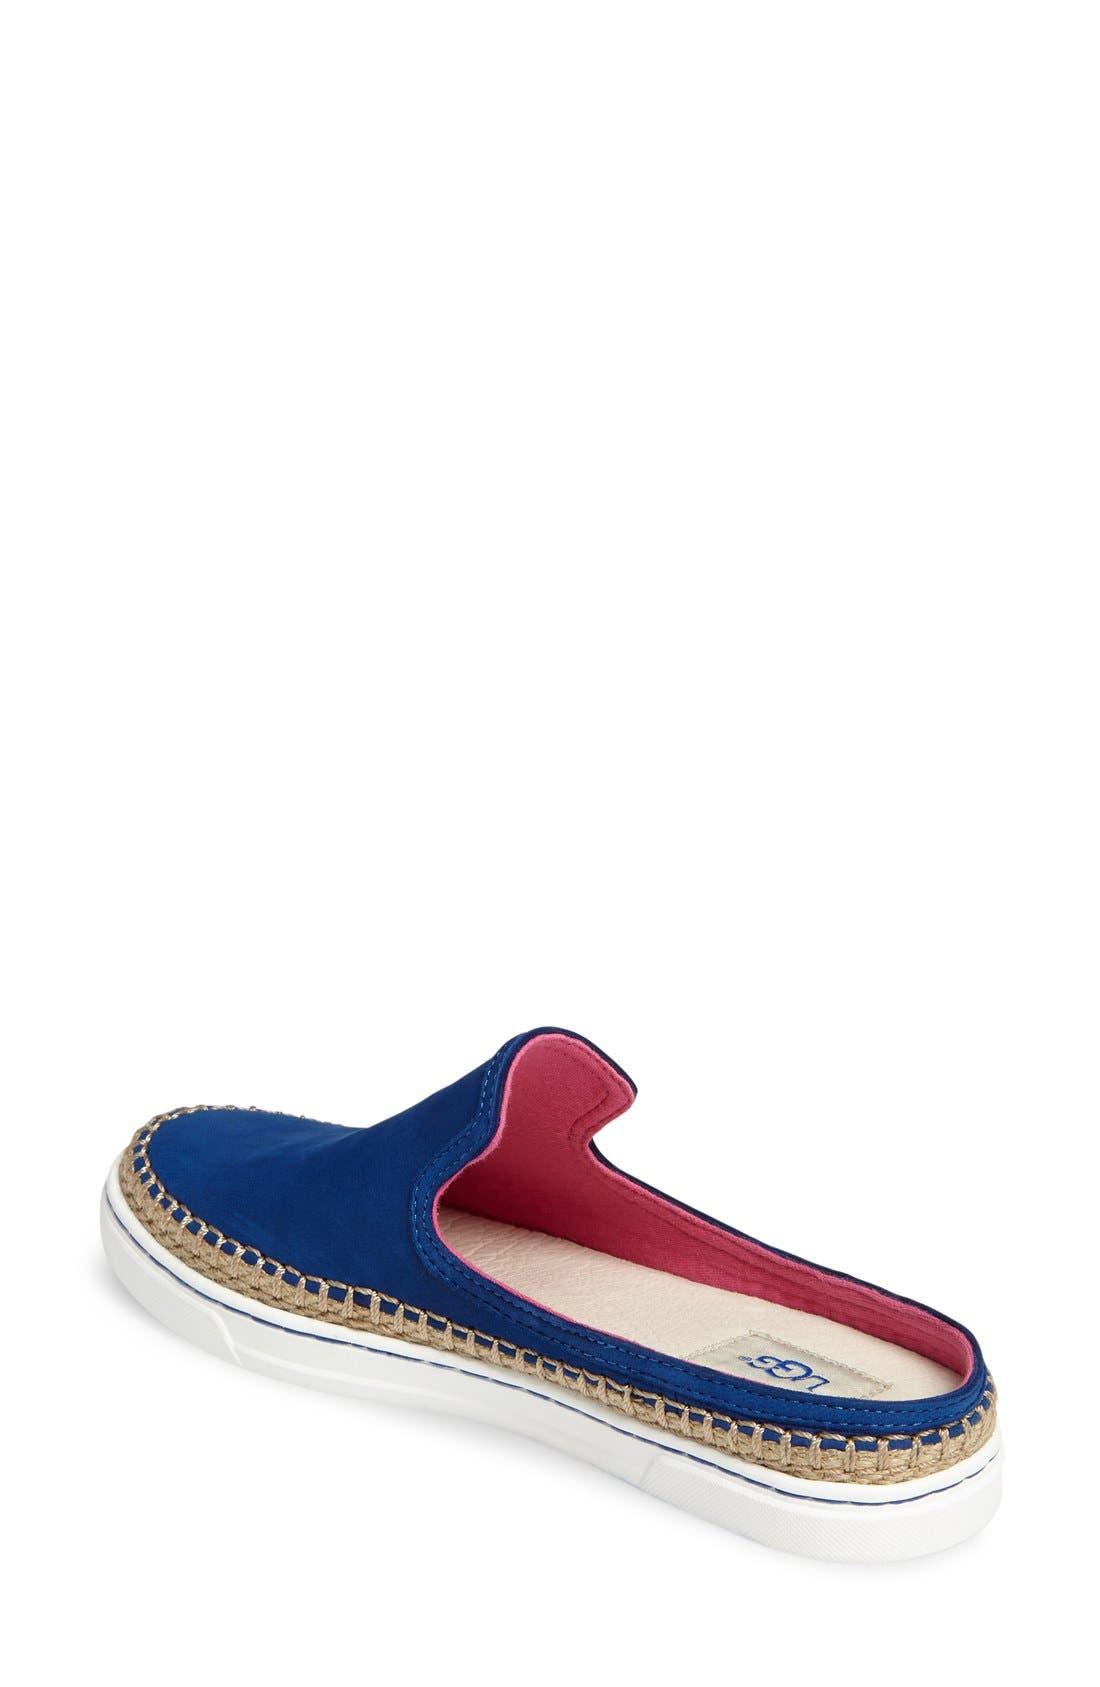 Alternate Image 2  - UGG® 'Caleel' Slip-On Sneaker (Women)